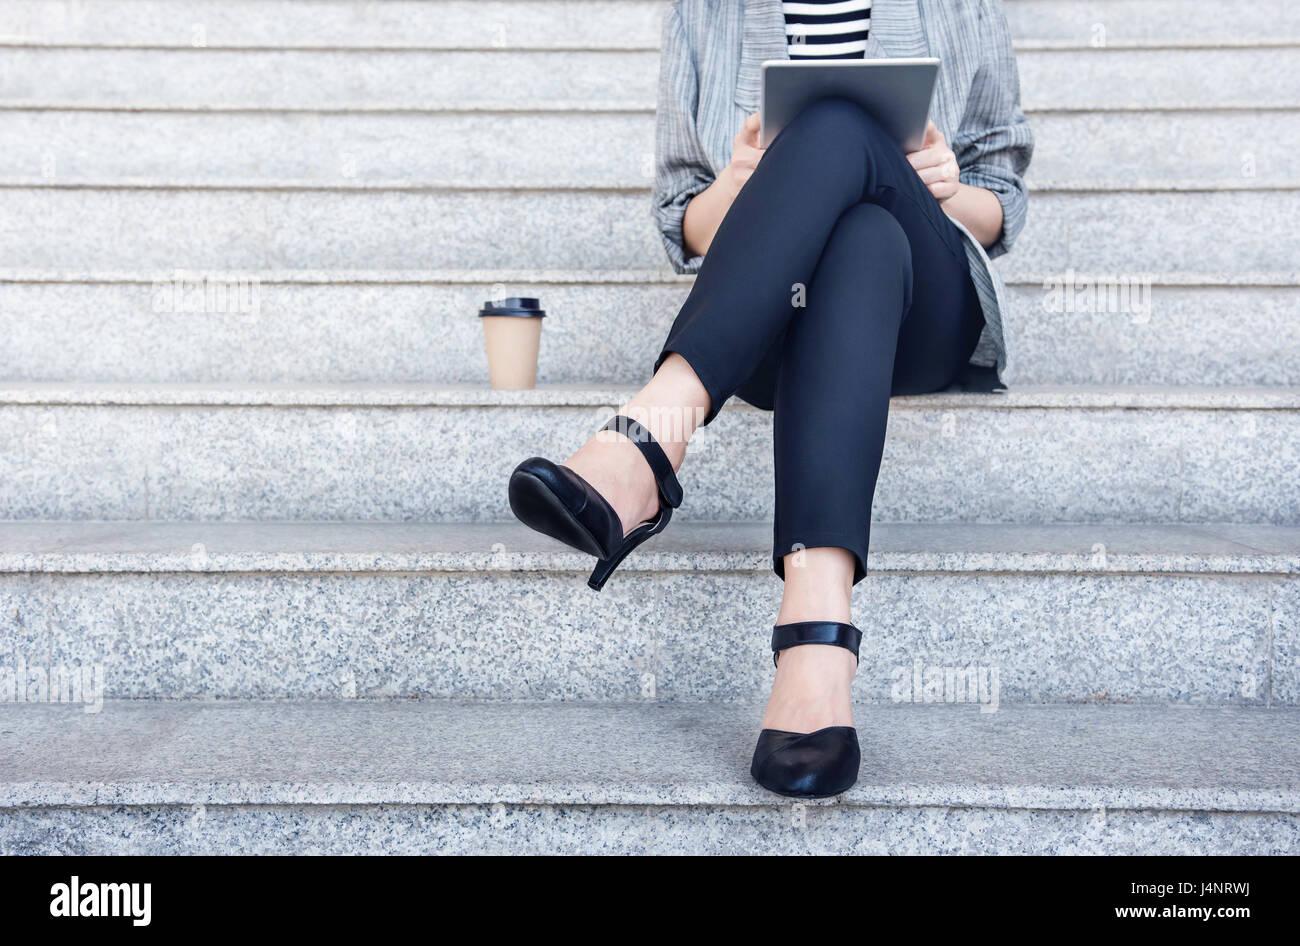 Negocio trabajar mujer sentada y utilizando tablet digital en escalera exterior, vista frontal, Sociales comunicar Imagen De Stock